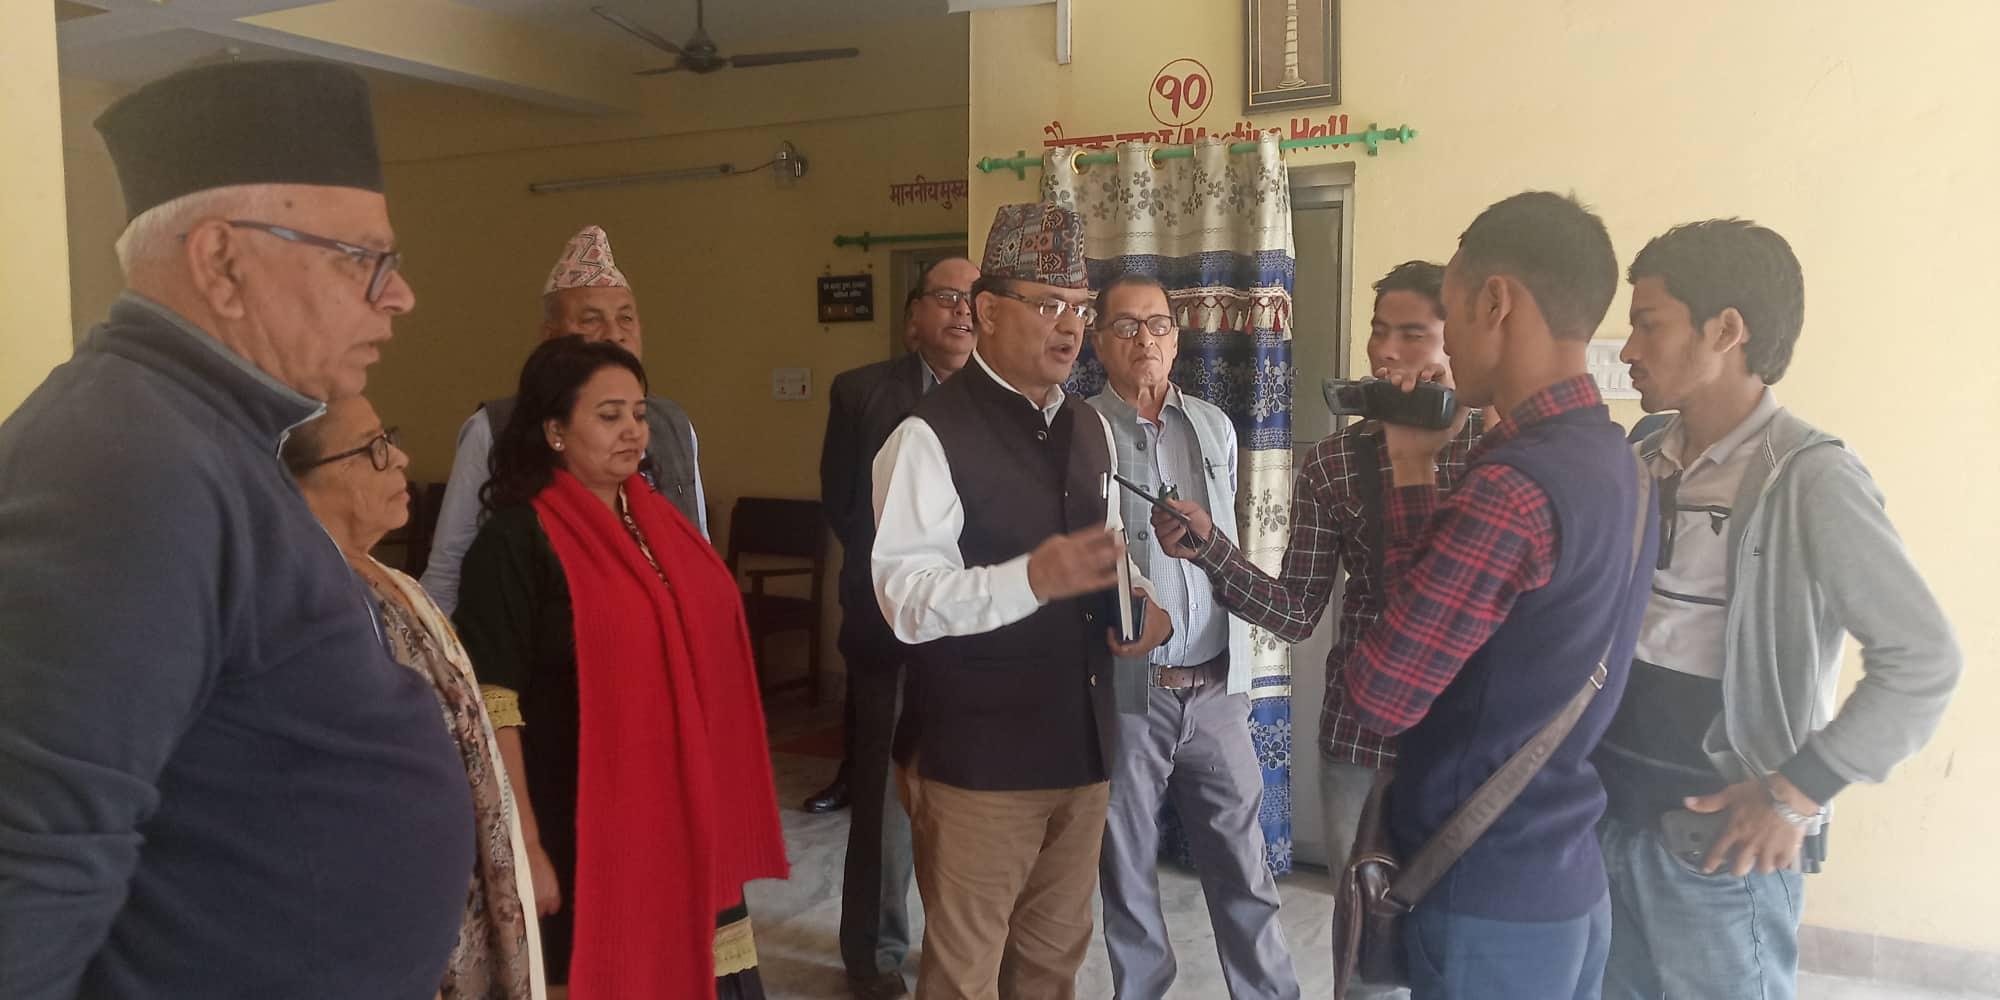 '१७२ ठाउँमा १५ लाख रोपनी नेपाली भूमि भारतले मिचेकाे छ'